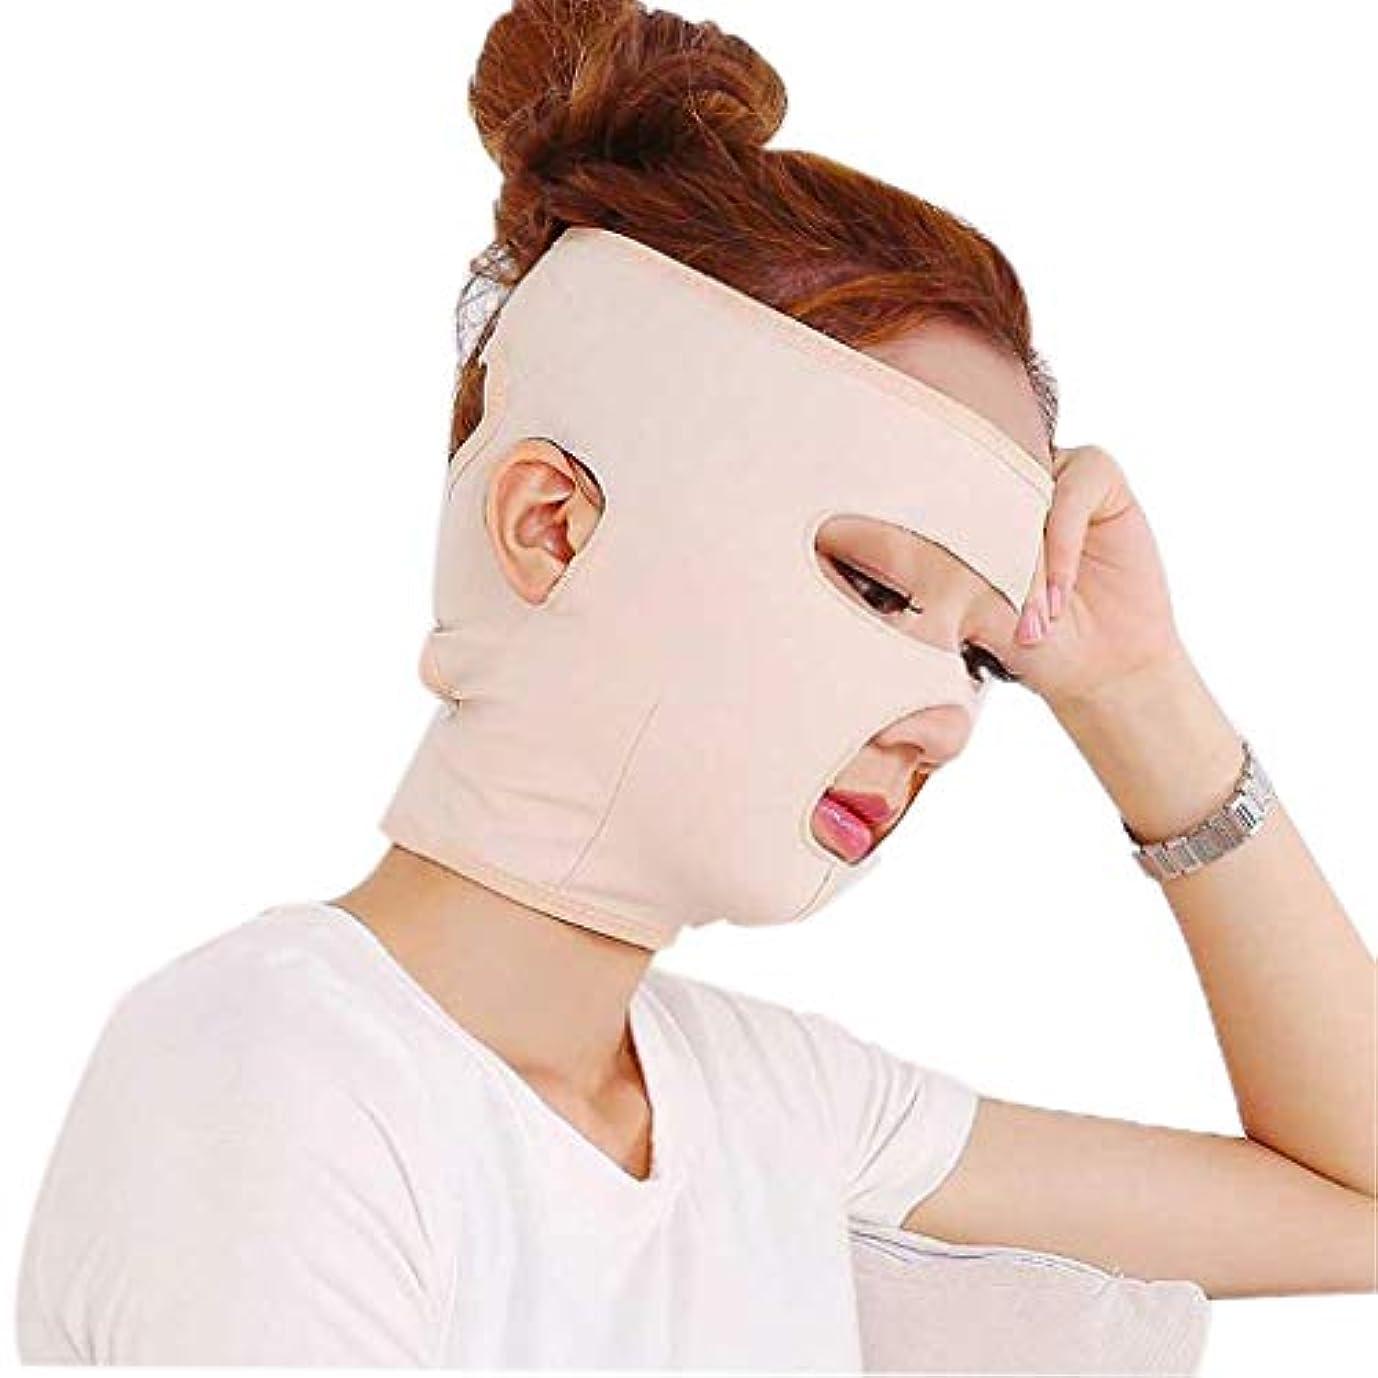 コンテンポラリー推測肌GLJJQMY フェイシャルリフティングマスクフルフェイスブレスリカバリー回復包帯リフト引き締め肌リダクション小さなVマスクを作成する 顔用整形マスク (Size : M)